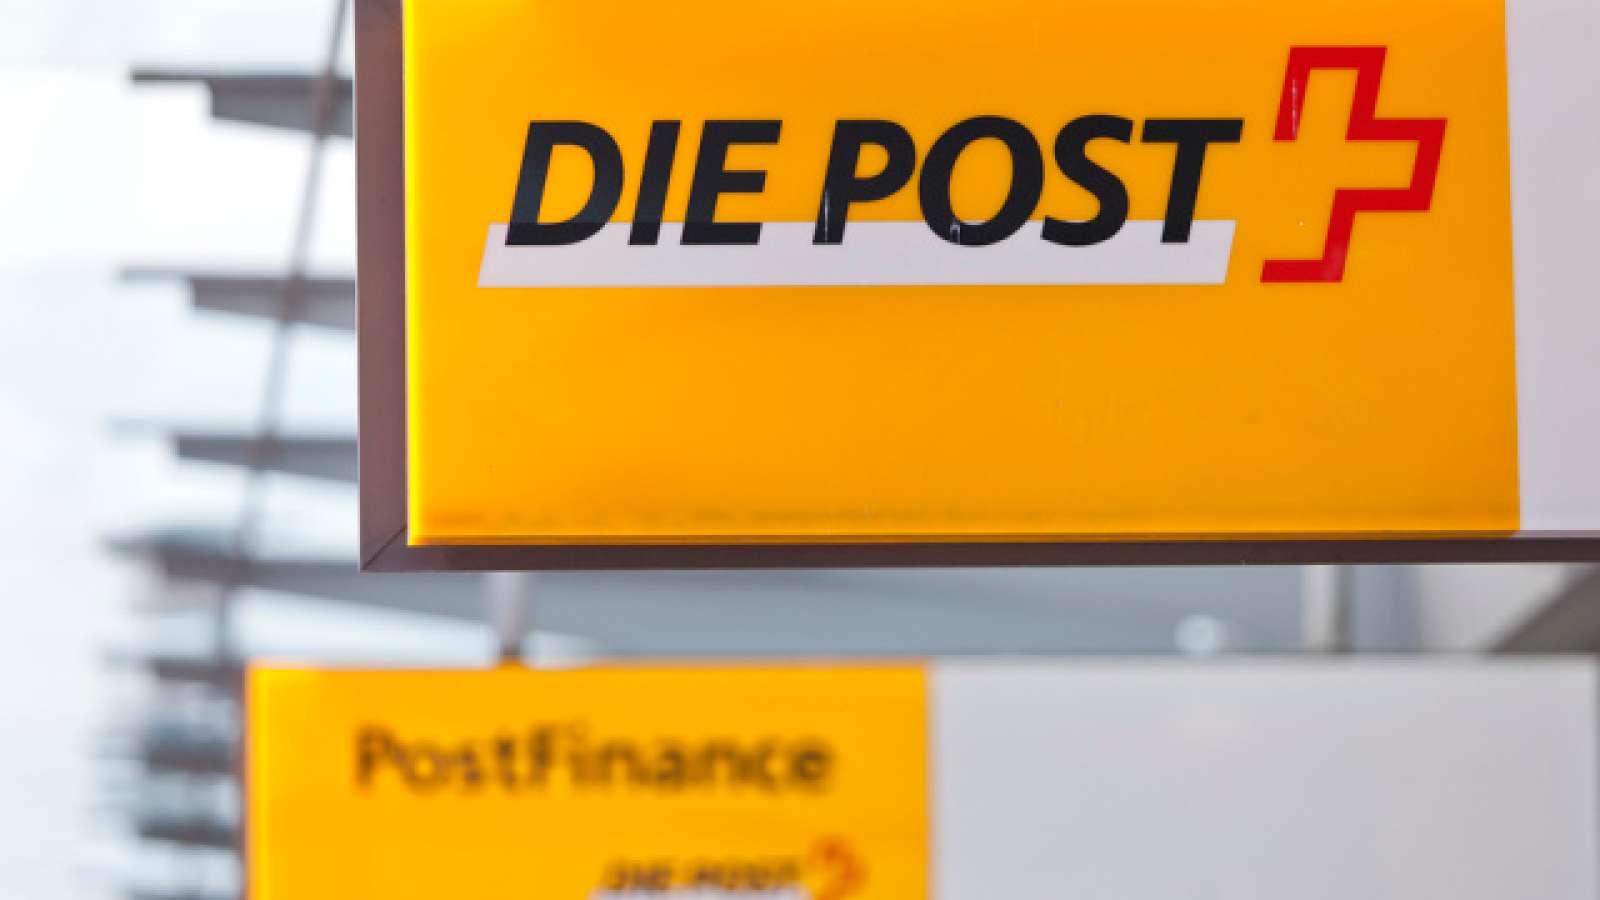 Logo von Post und Postfinance